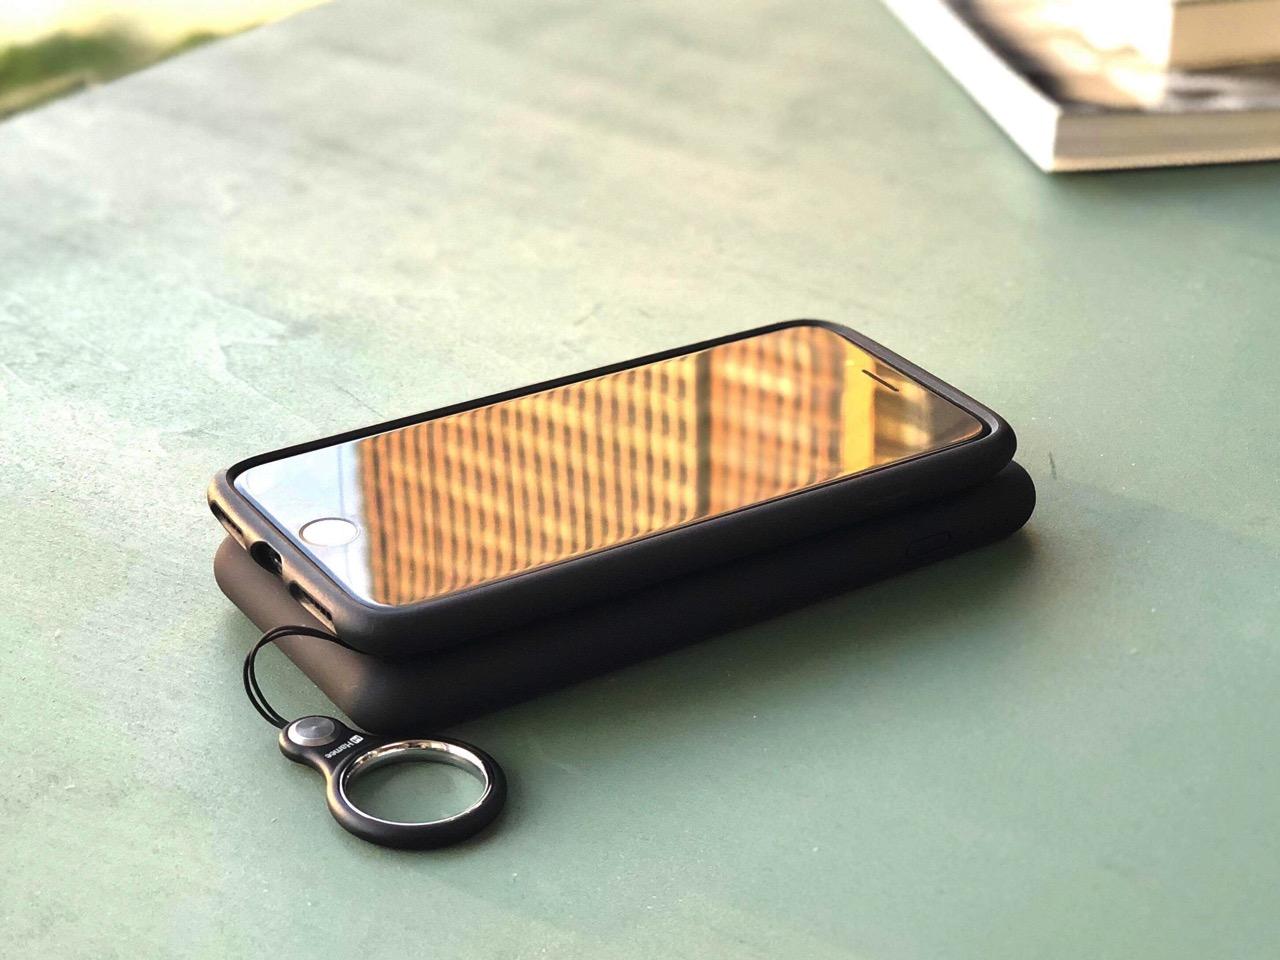 一緒に持っているだけで充電できるのが超便利!Qi対応のワイヤレスモバイルバッテリー「cheero Powermix 6000mAh」を使ってみた